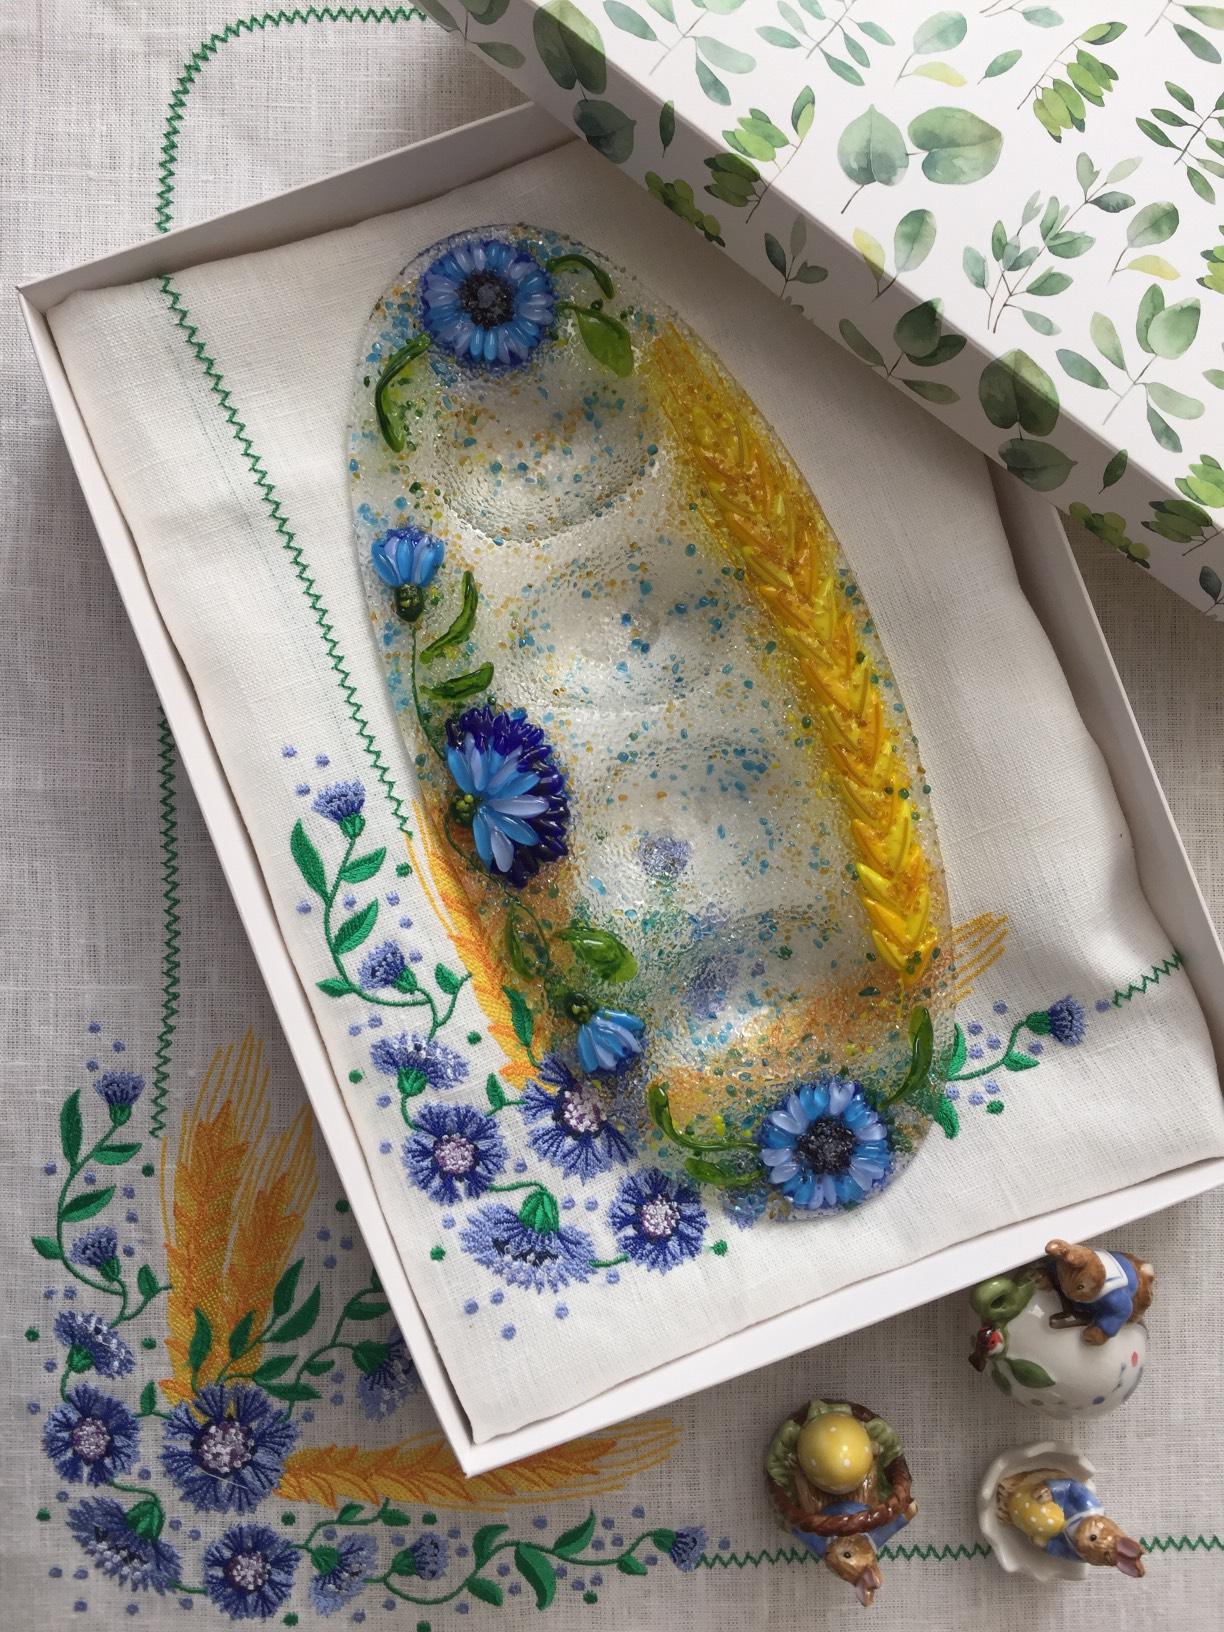 Подарочный набор «Васильки» овальное блюдо для яиц с льняной салфеткой, украшенной вышивкой.